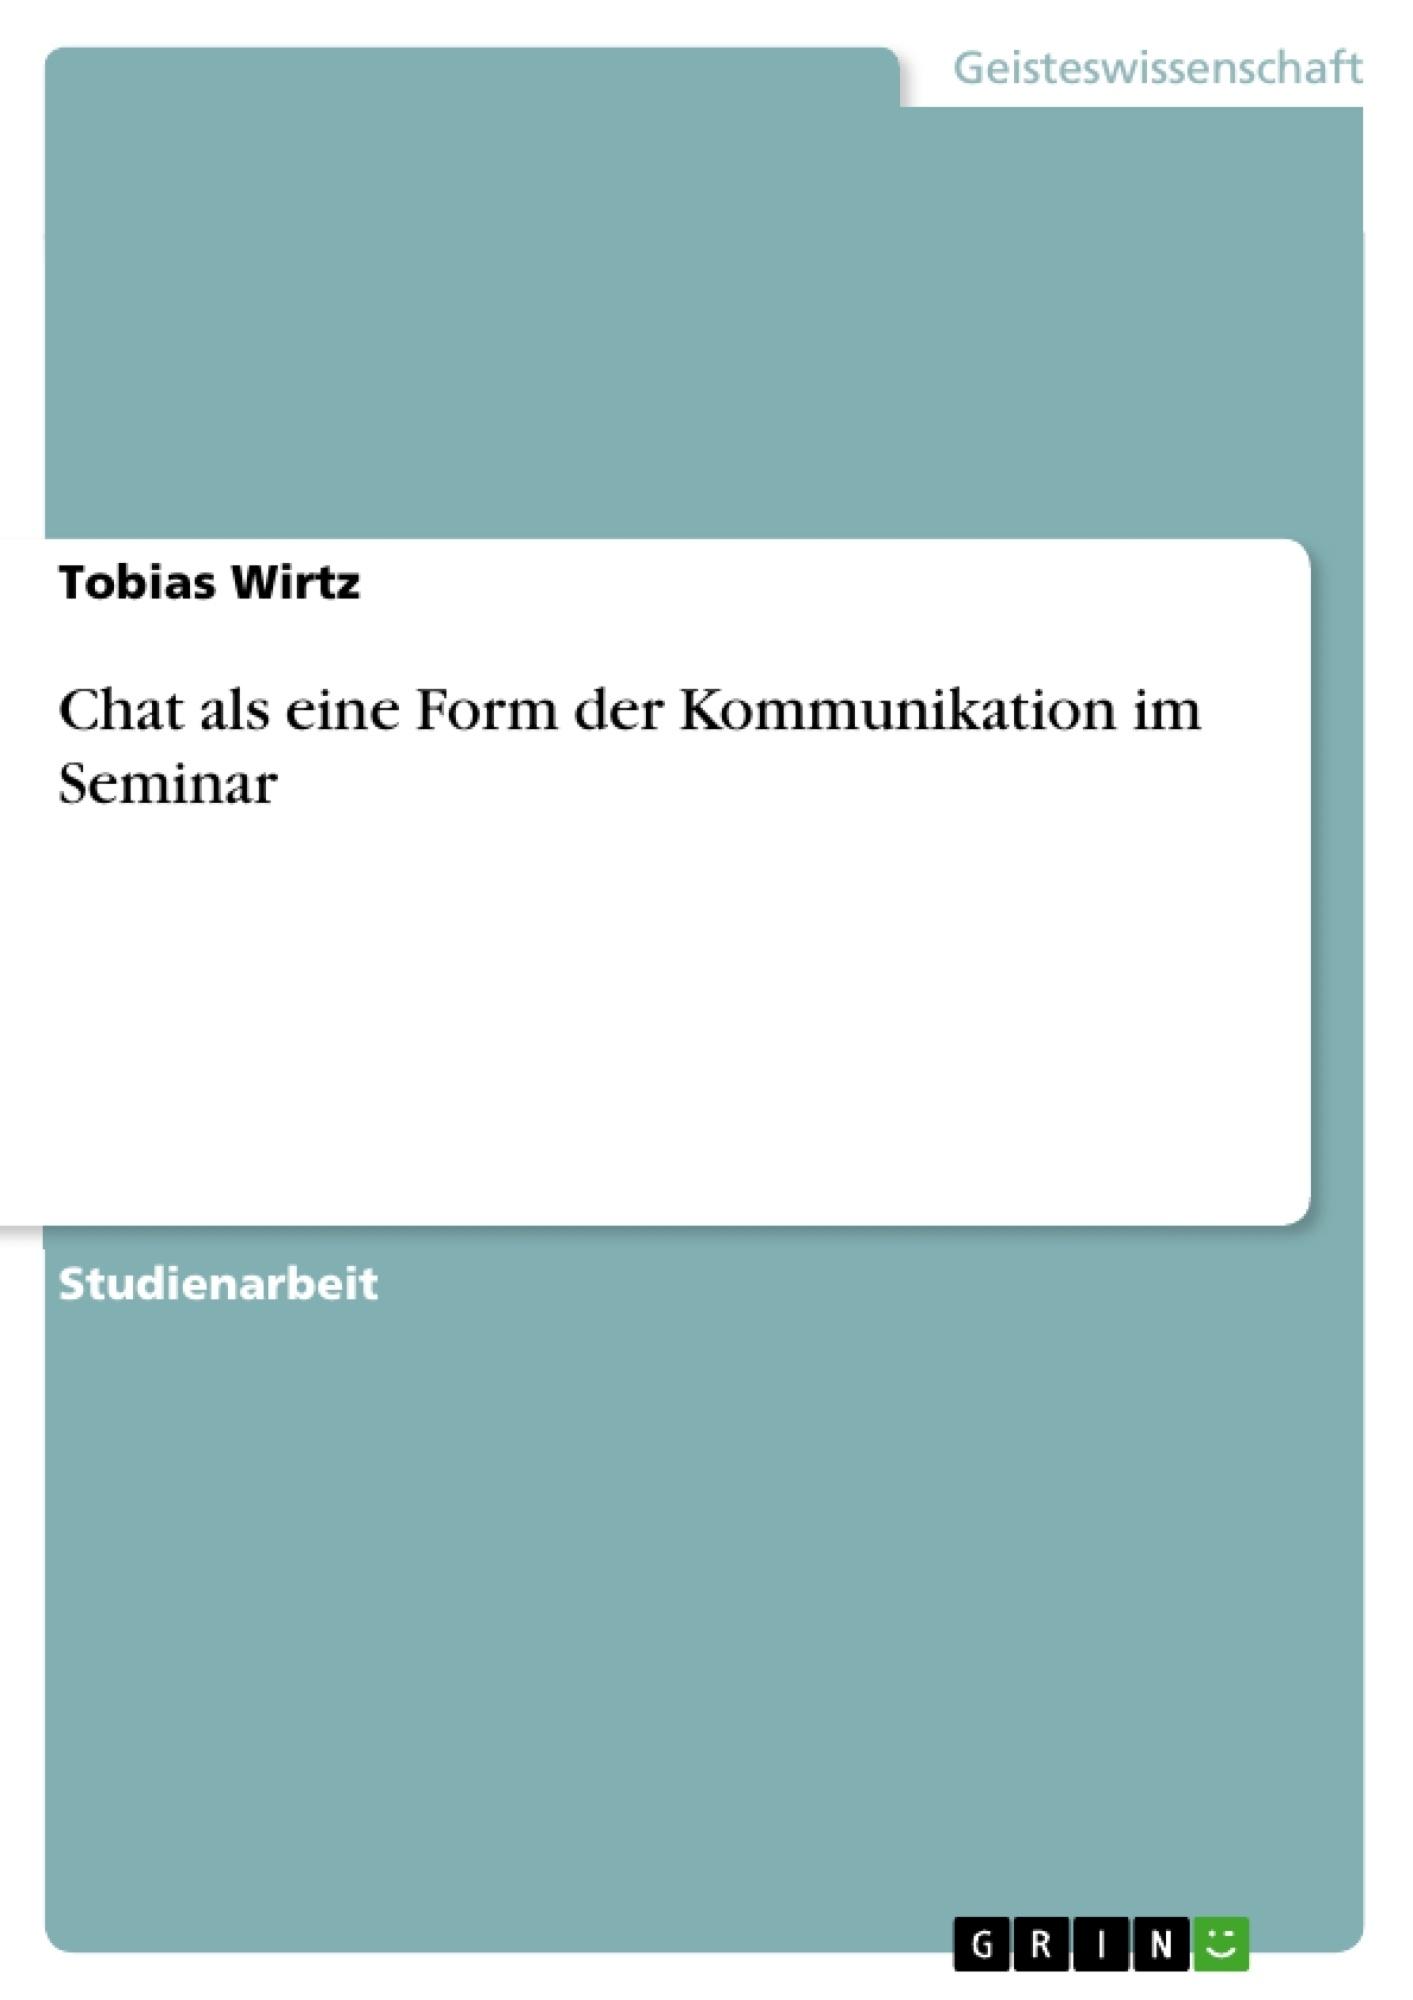 Titel: Chat als eine Form der Kommunikation im Seminar